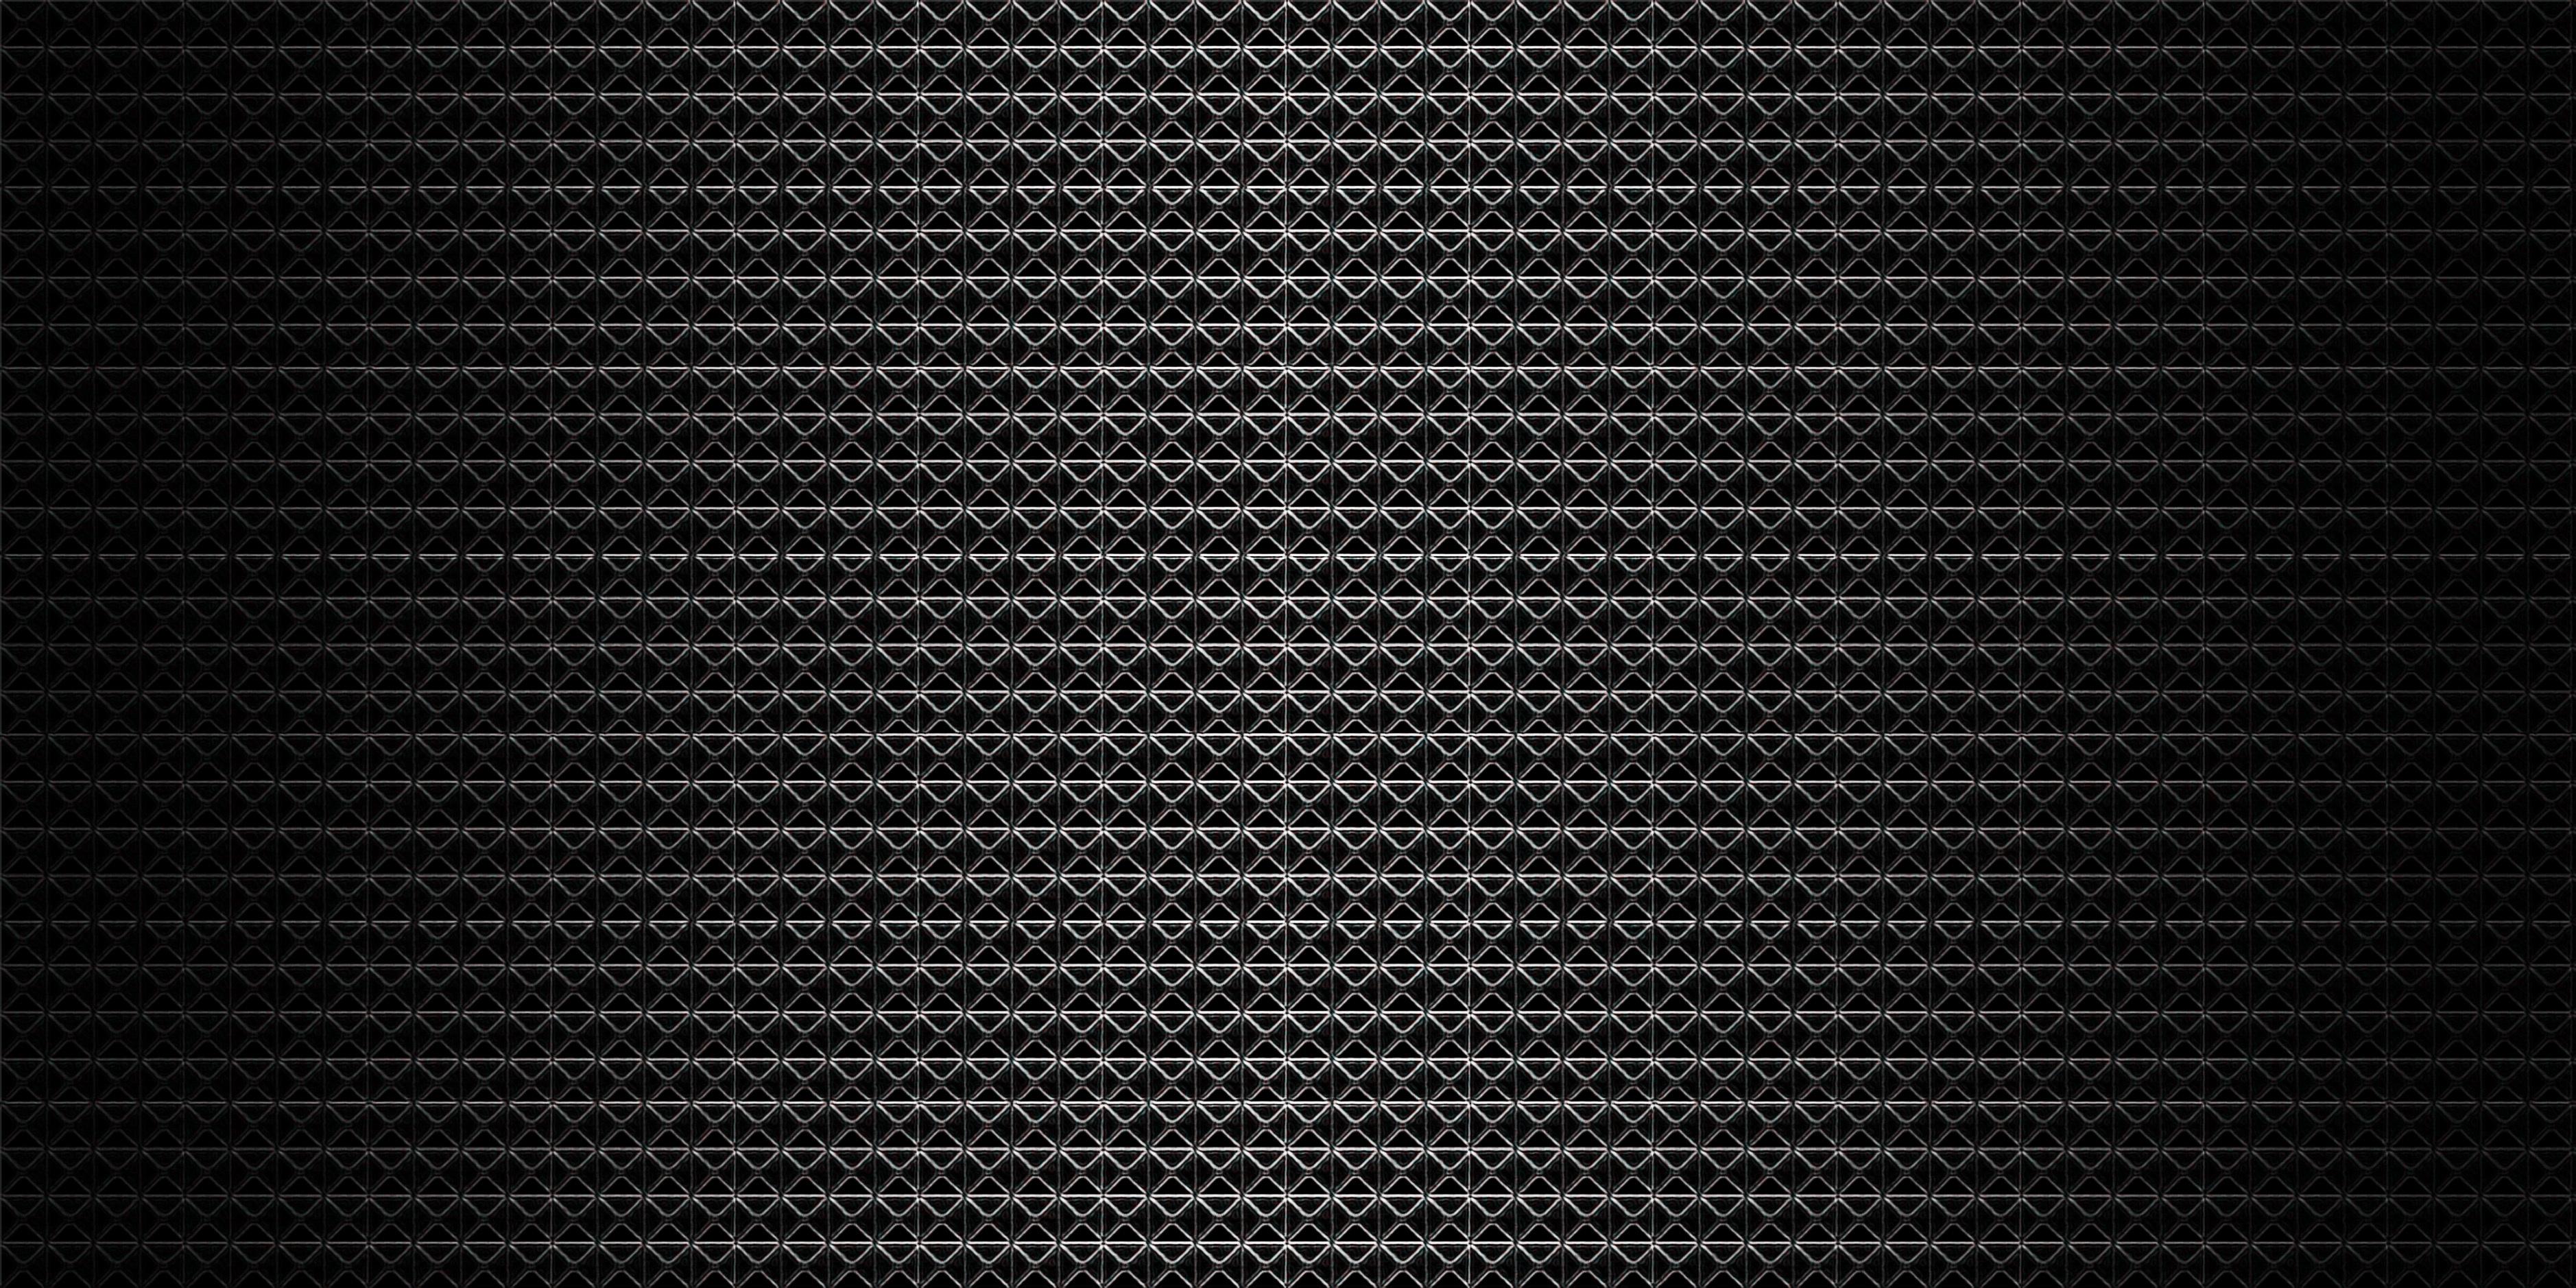 104162 télécharger le fond d'écran Textures, Texture, Grille, Contexte, Surface, Sombre - économiseurs d'écran et images gratuitement